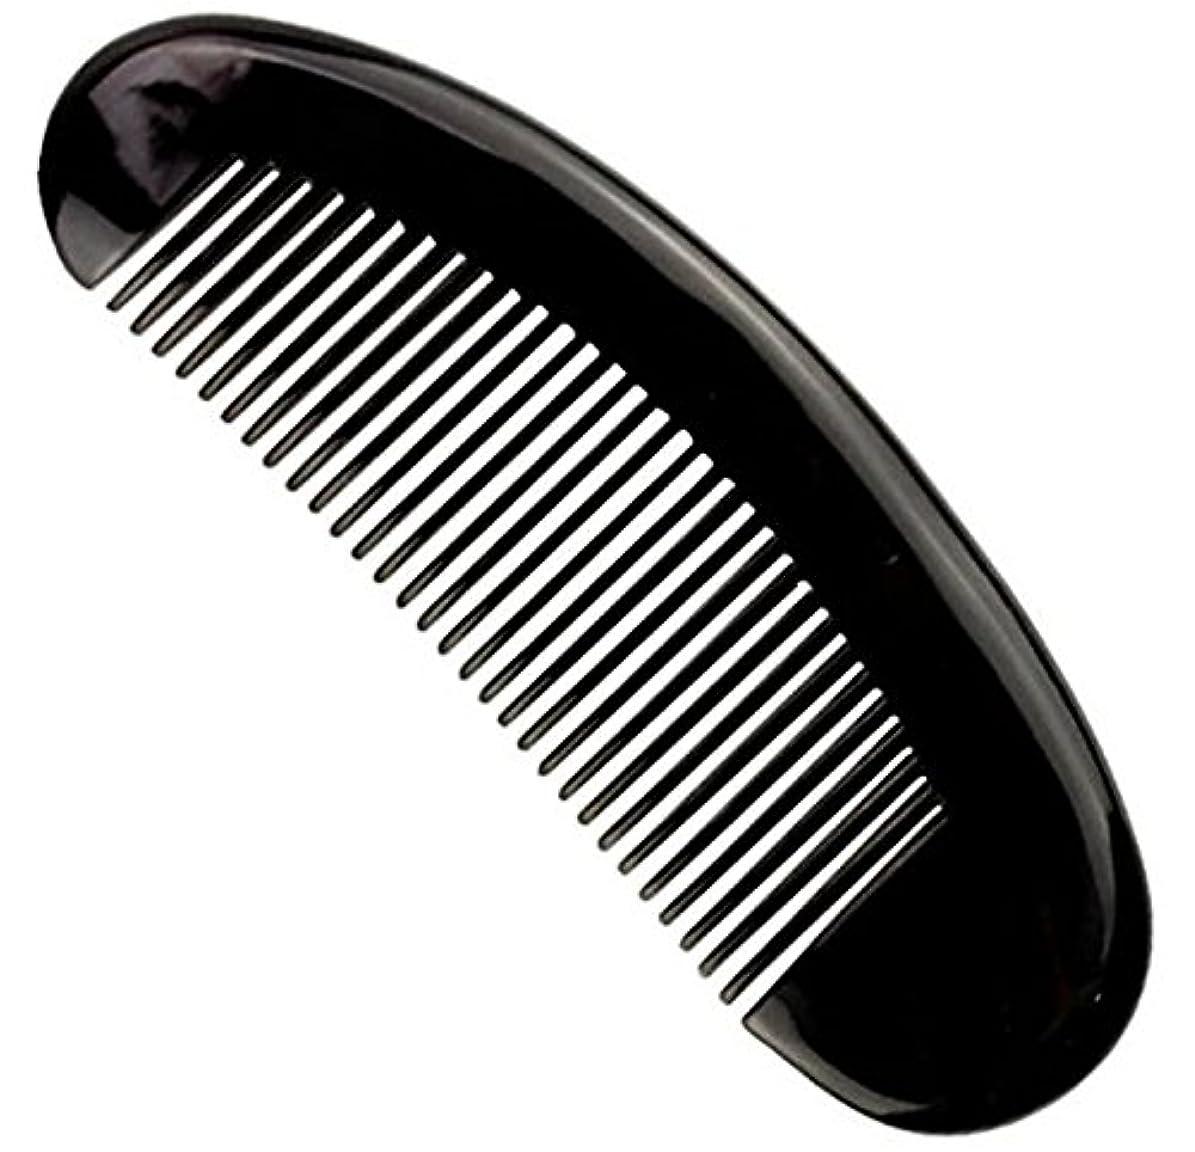 と組むしなやか安心させる櫛型 プロも使う牛角かっさプレー マサージ用 血行改善 高級 天然 静電気防止 美髪 美顔 ボディ リンパマッサージ